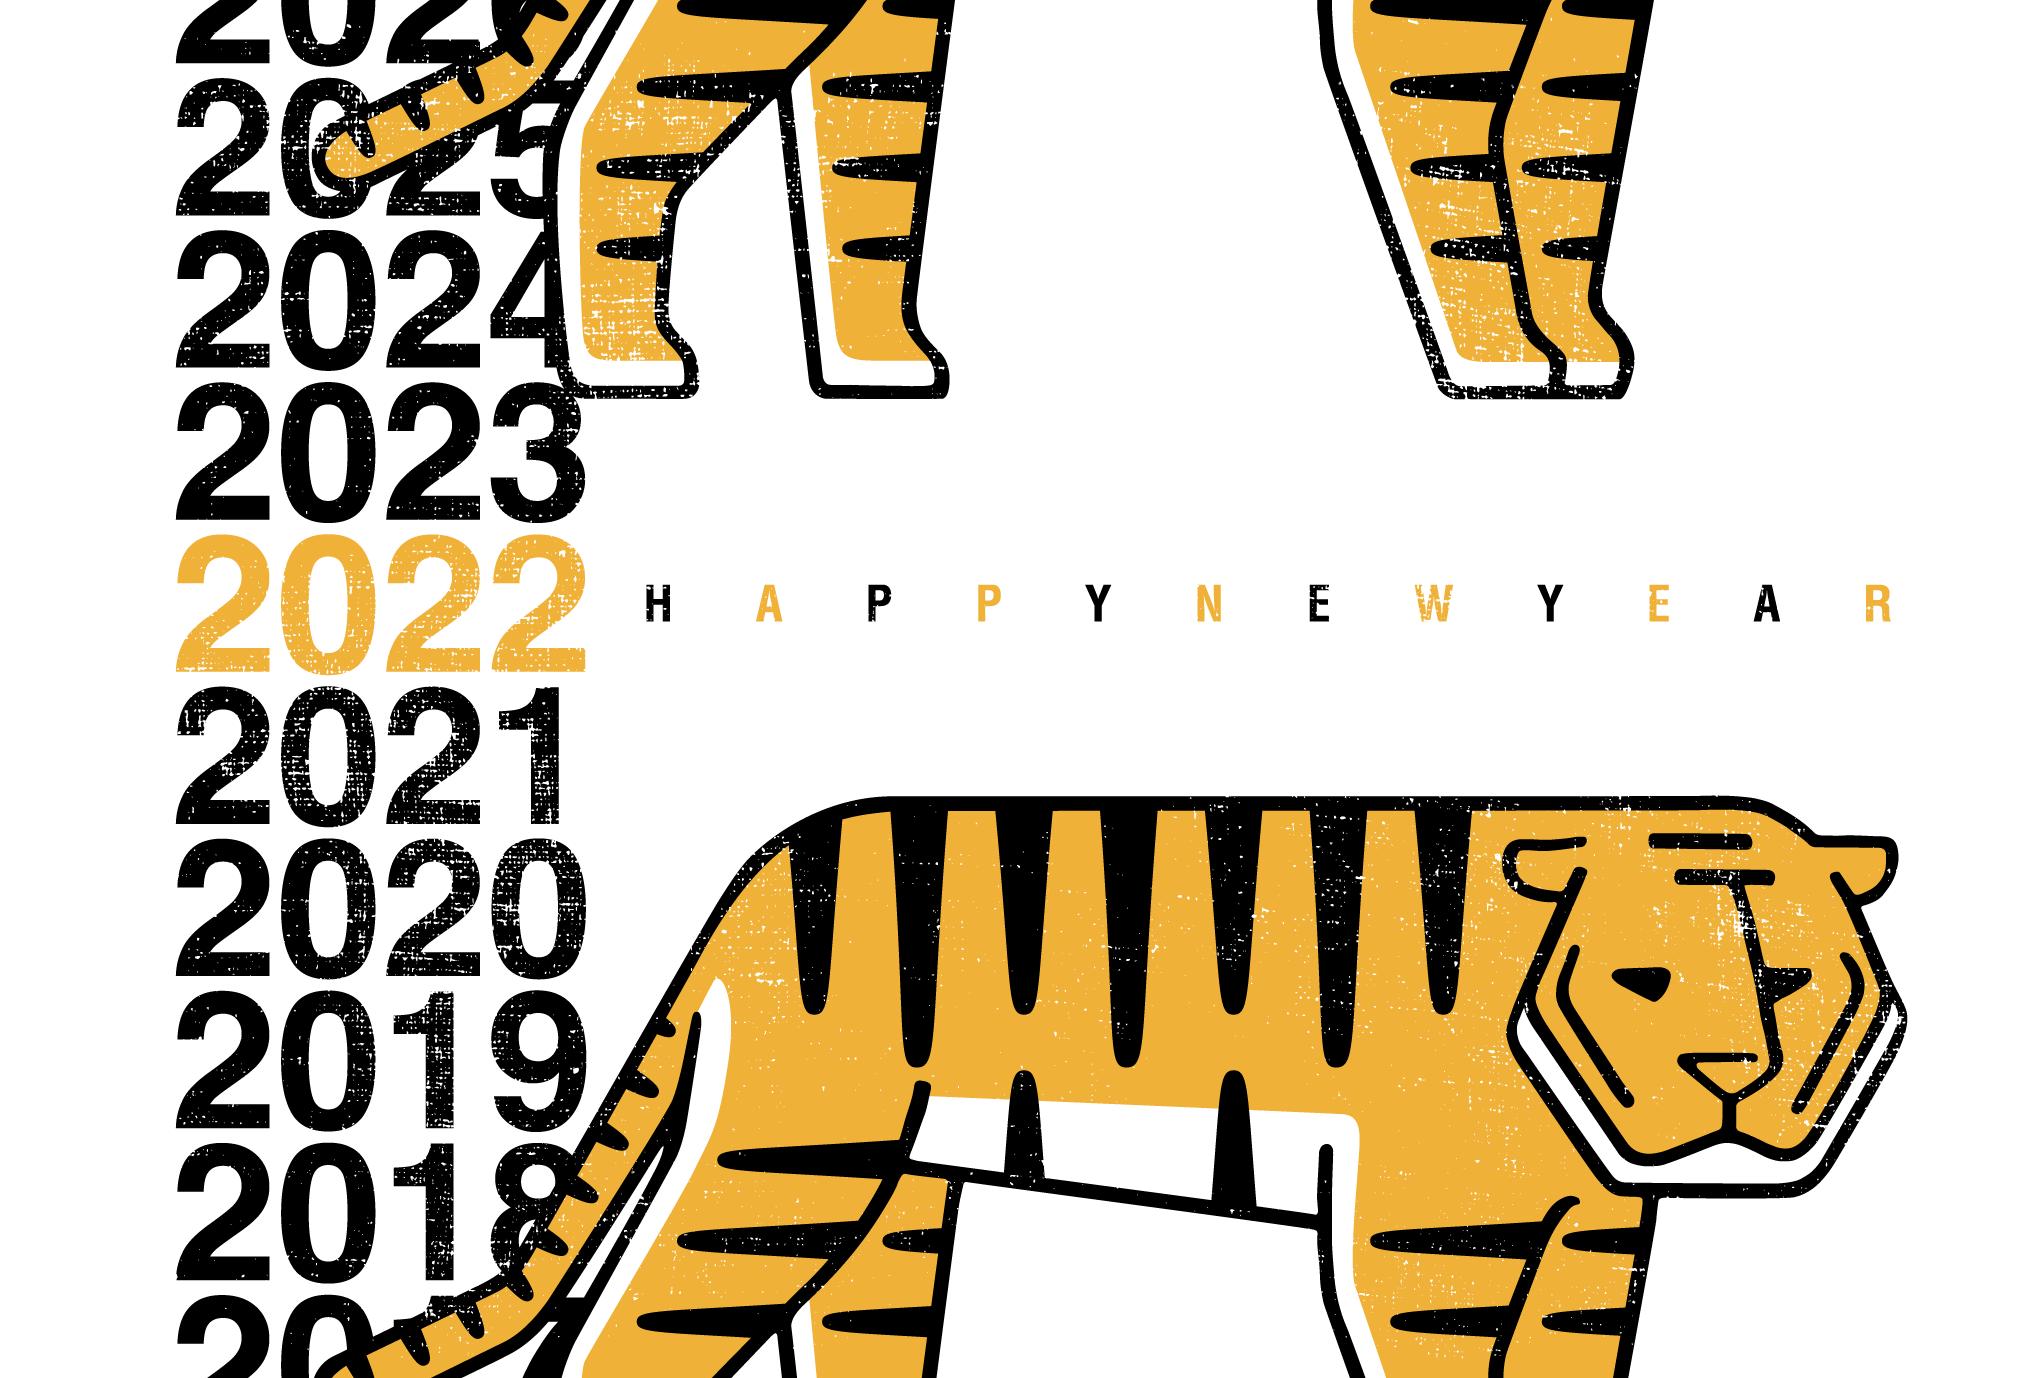 2022年賀状05-1:寅 Slide 2022 / 立虎のダウンロード画像